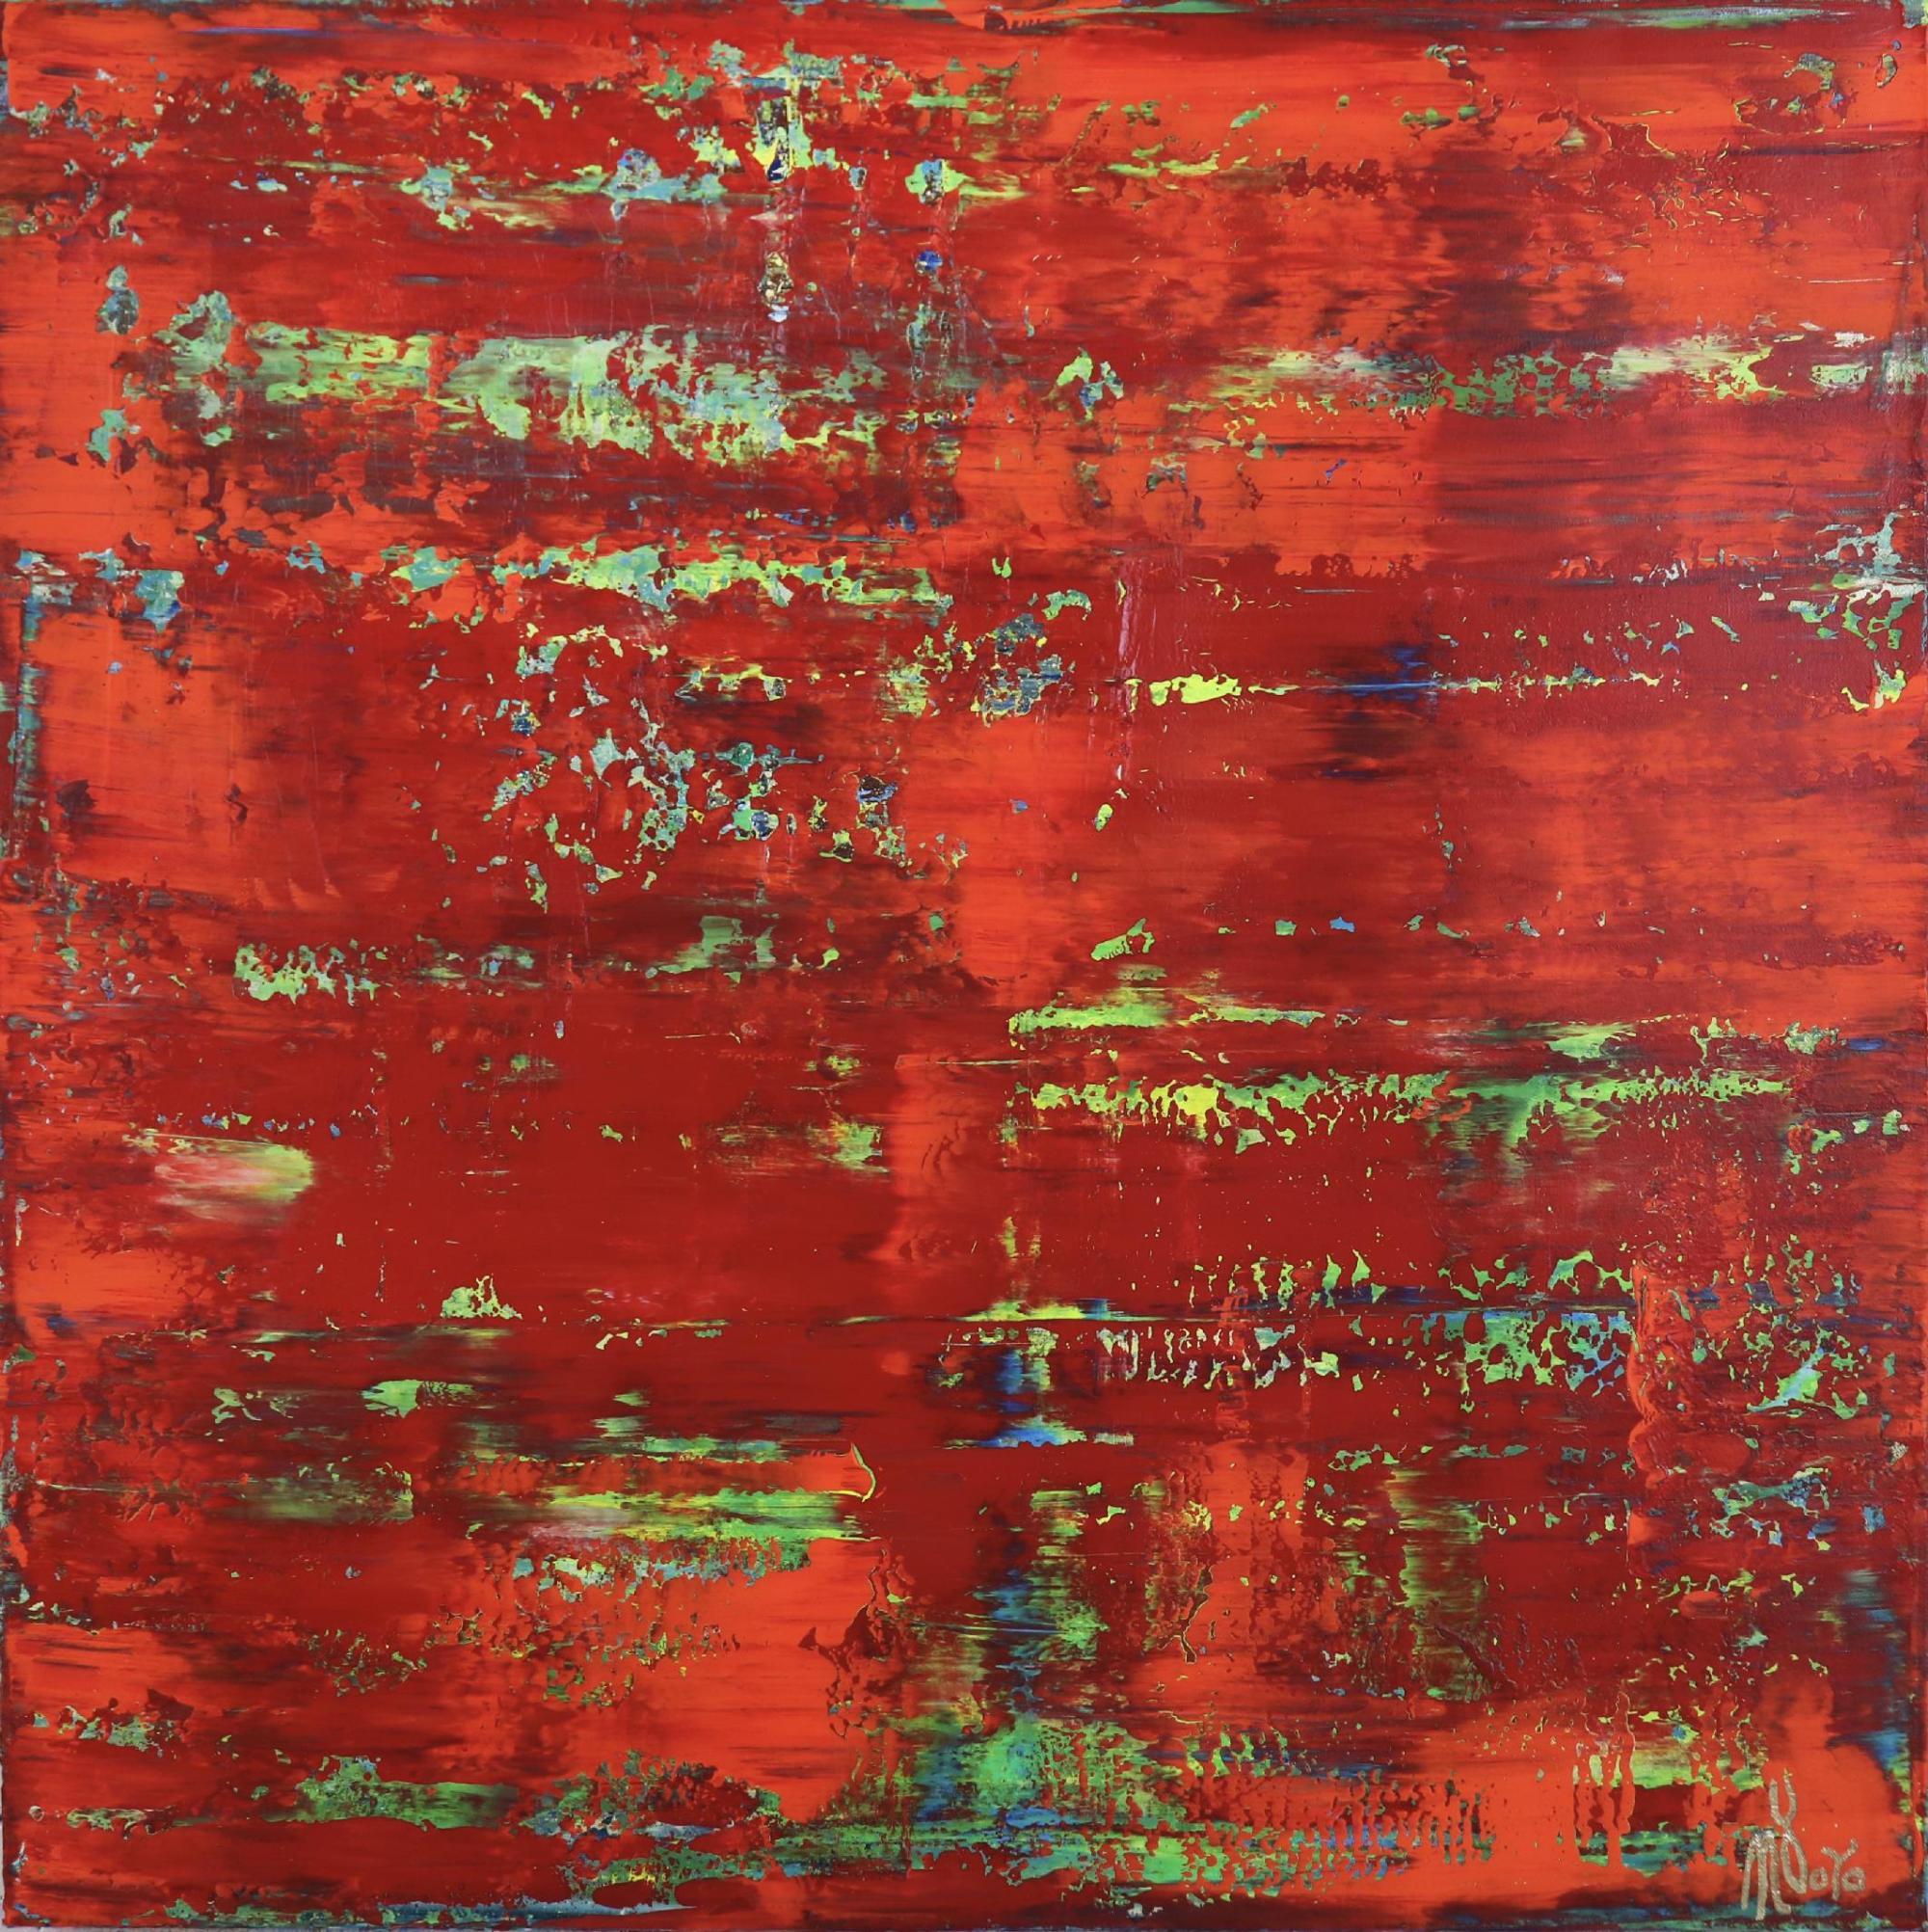 Full Canvas - Rojo infinito (Fiery abstract) 6 (2020) by Nestor Toro